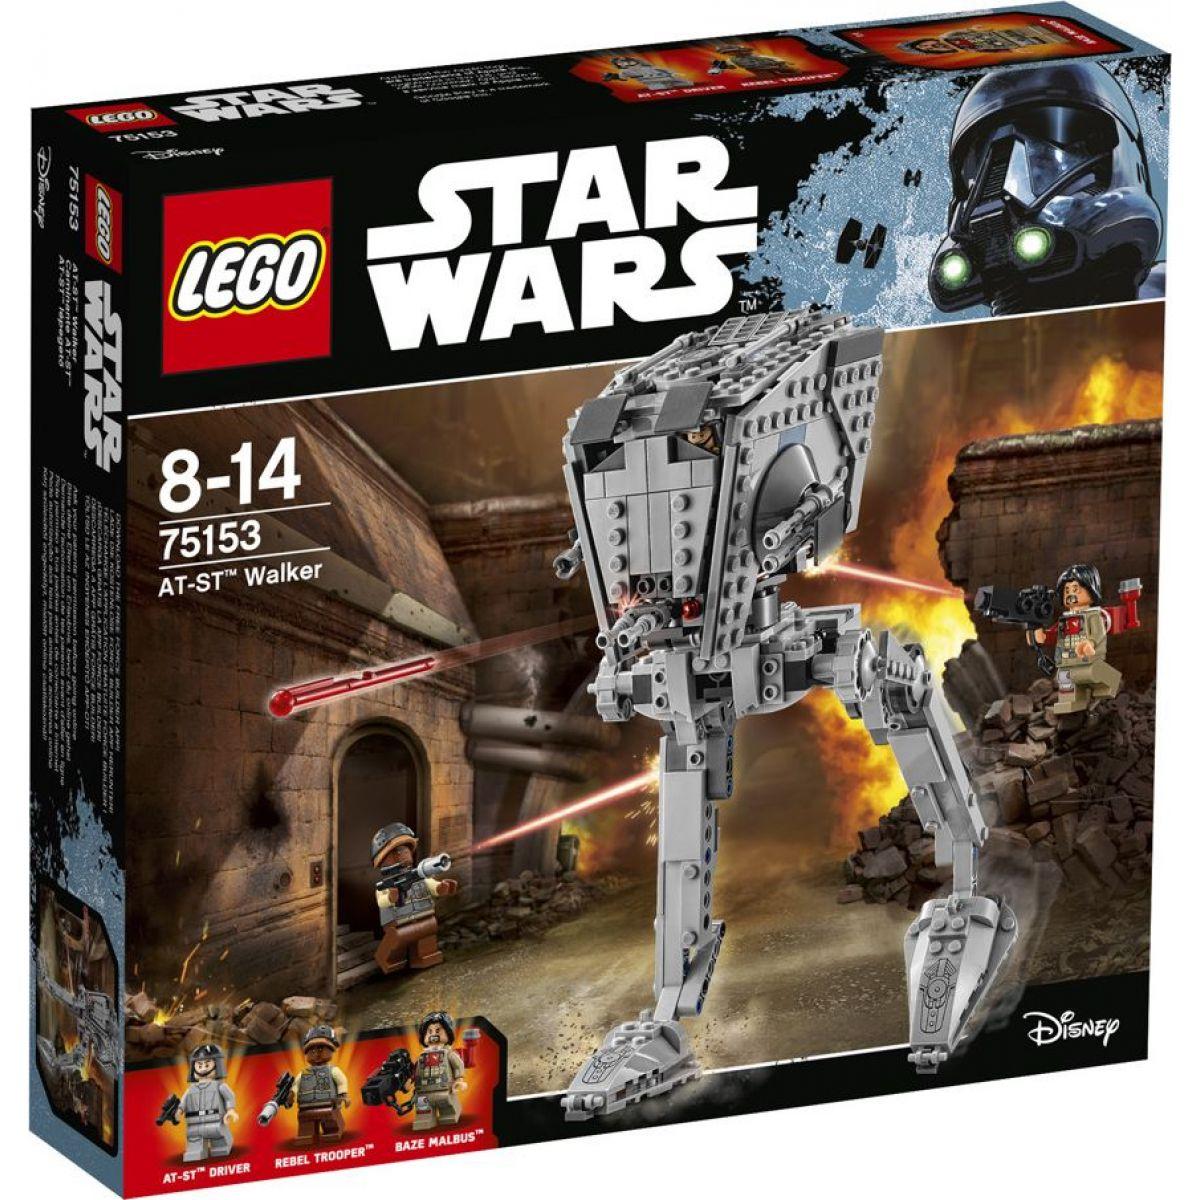 LEGO Star Wars 75153 AT-ST Chodec